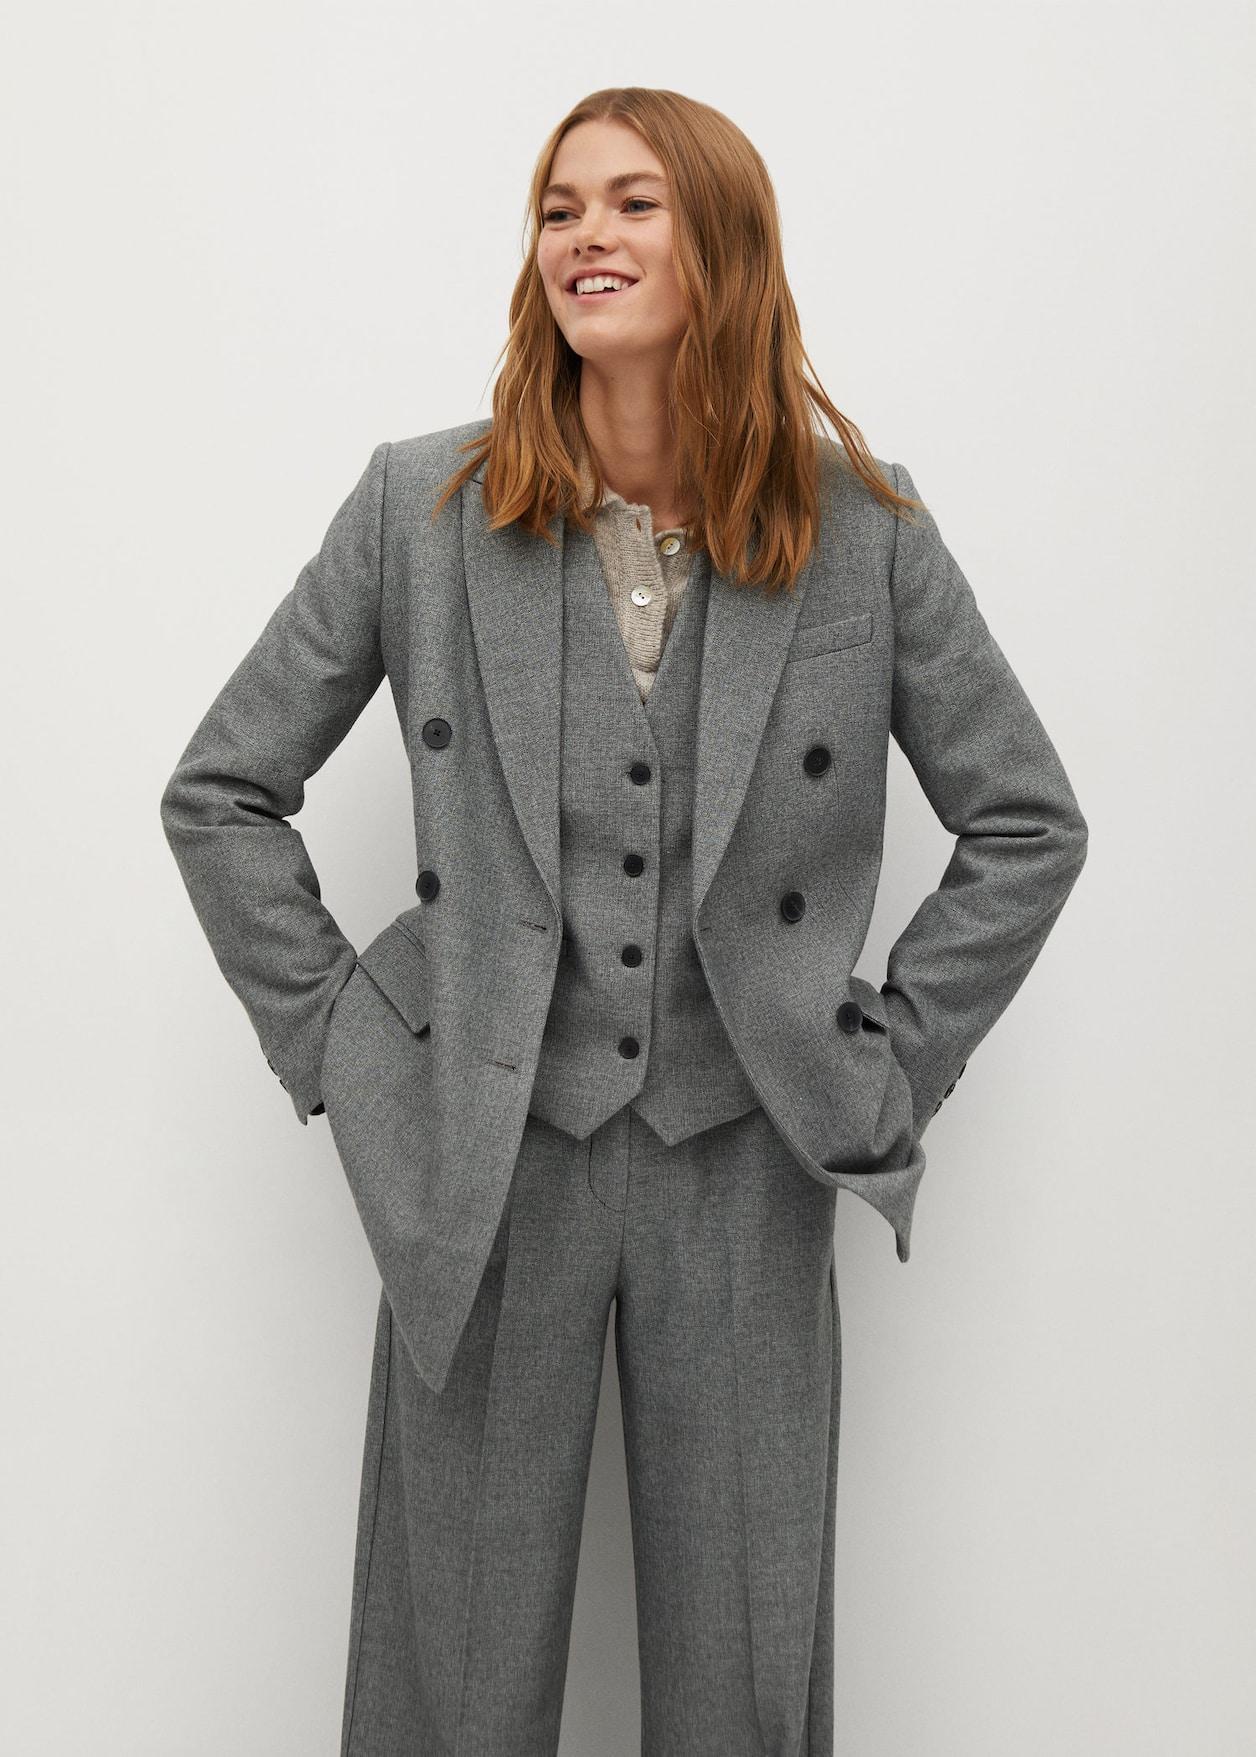 Пиджаки и Костюмы | Костюмный Пиджак Mango